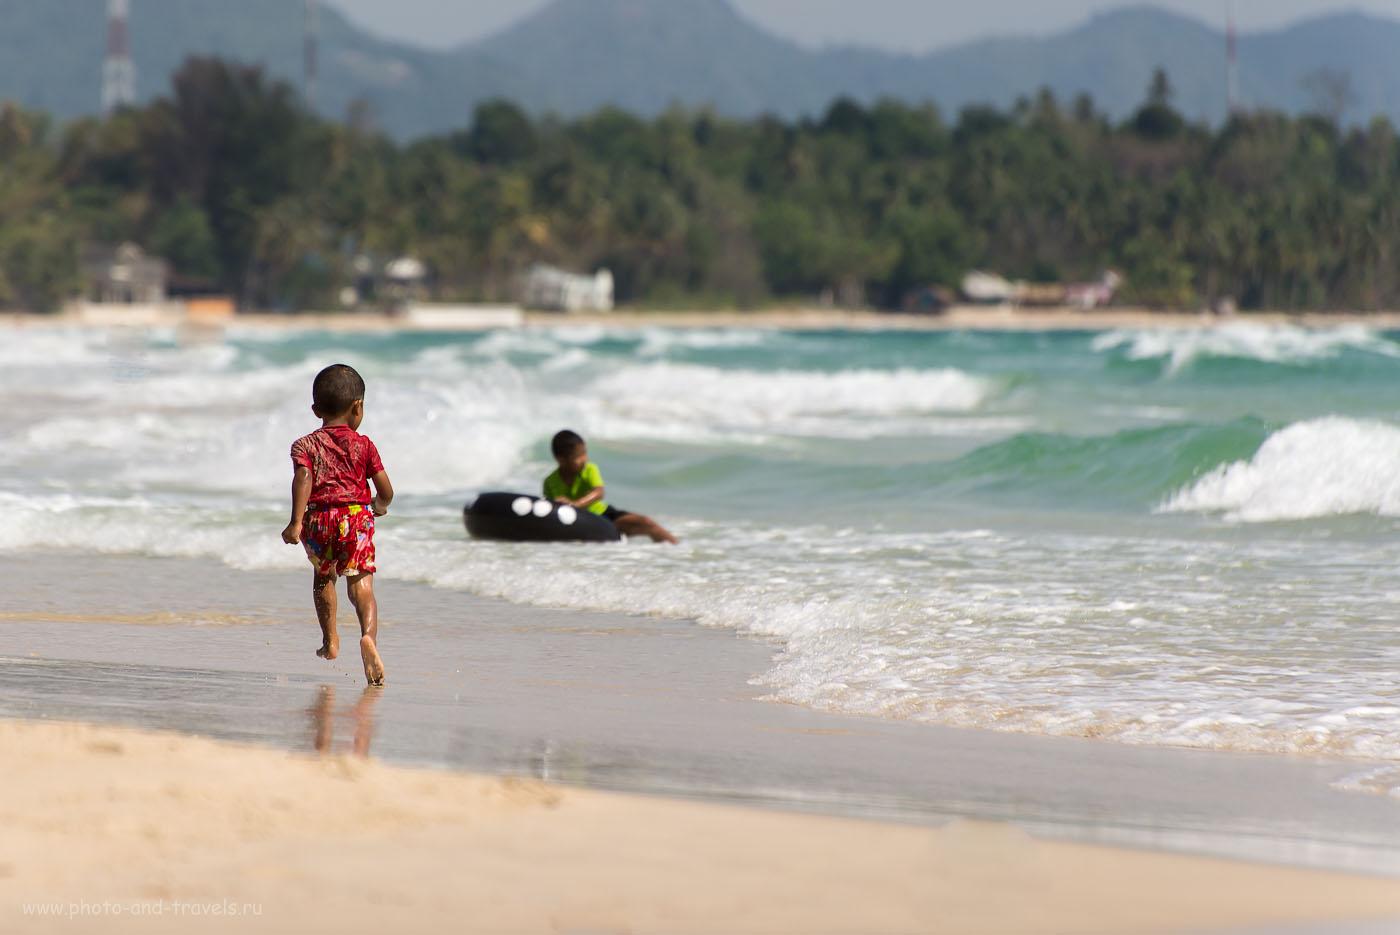 Фотография 5. Отзывы туристов об отдыхе в Таиланде. Окрестности города Чумпхон. Счастливое детство (100, 270, 5.6, 1/640)